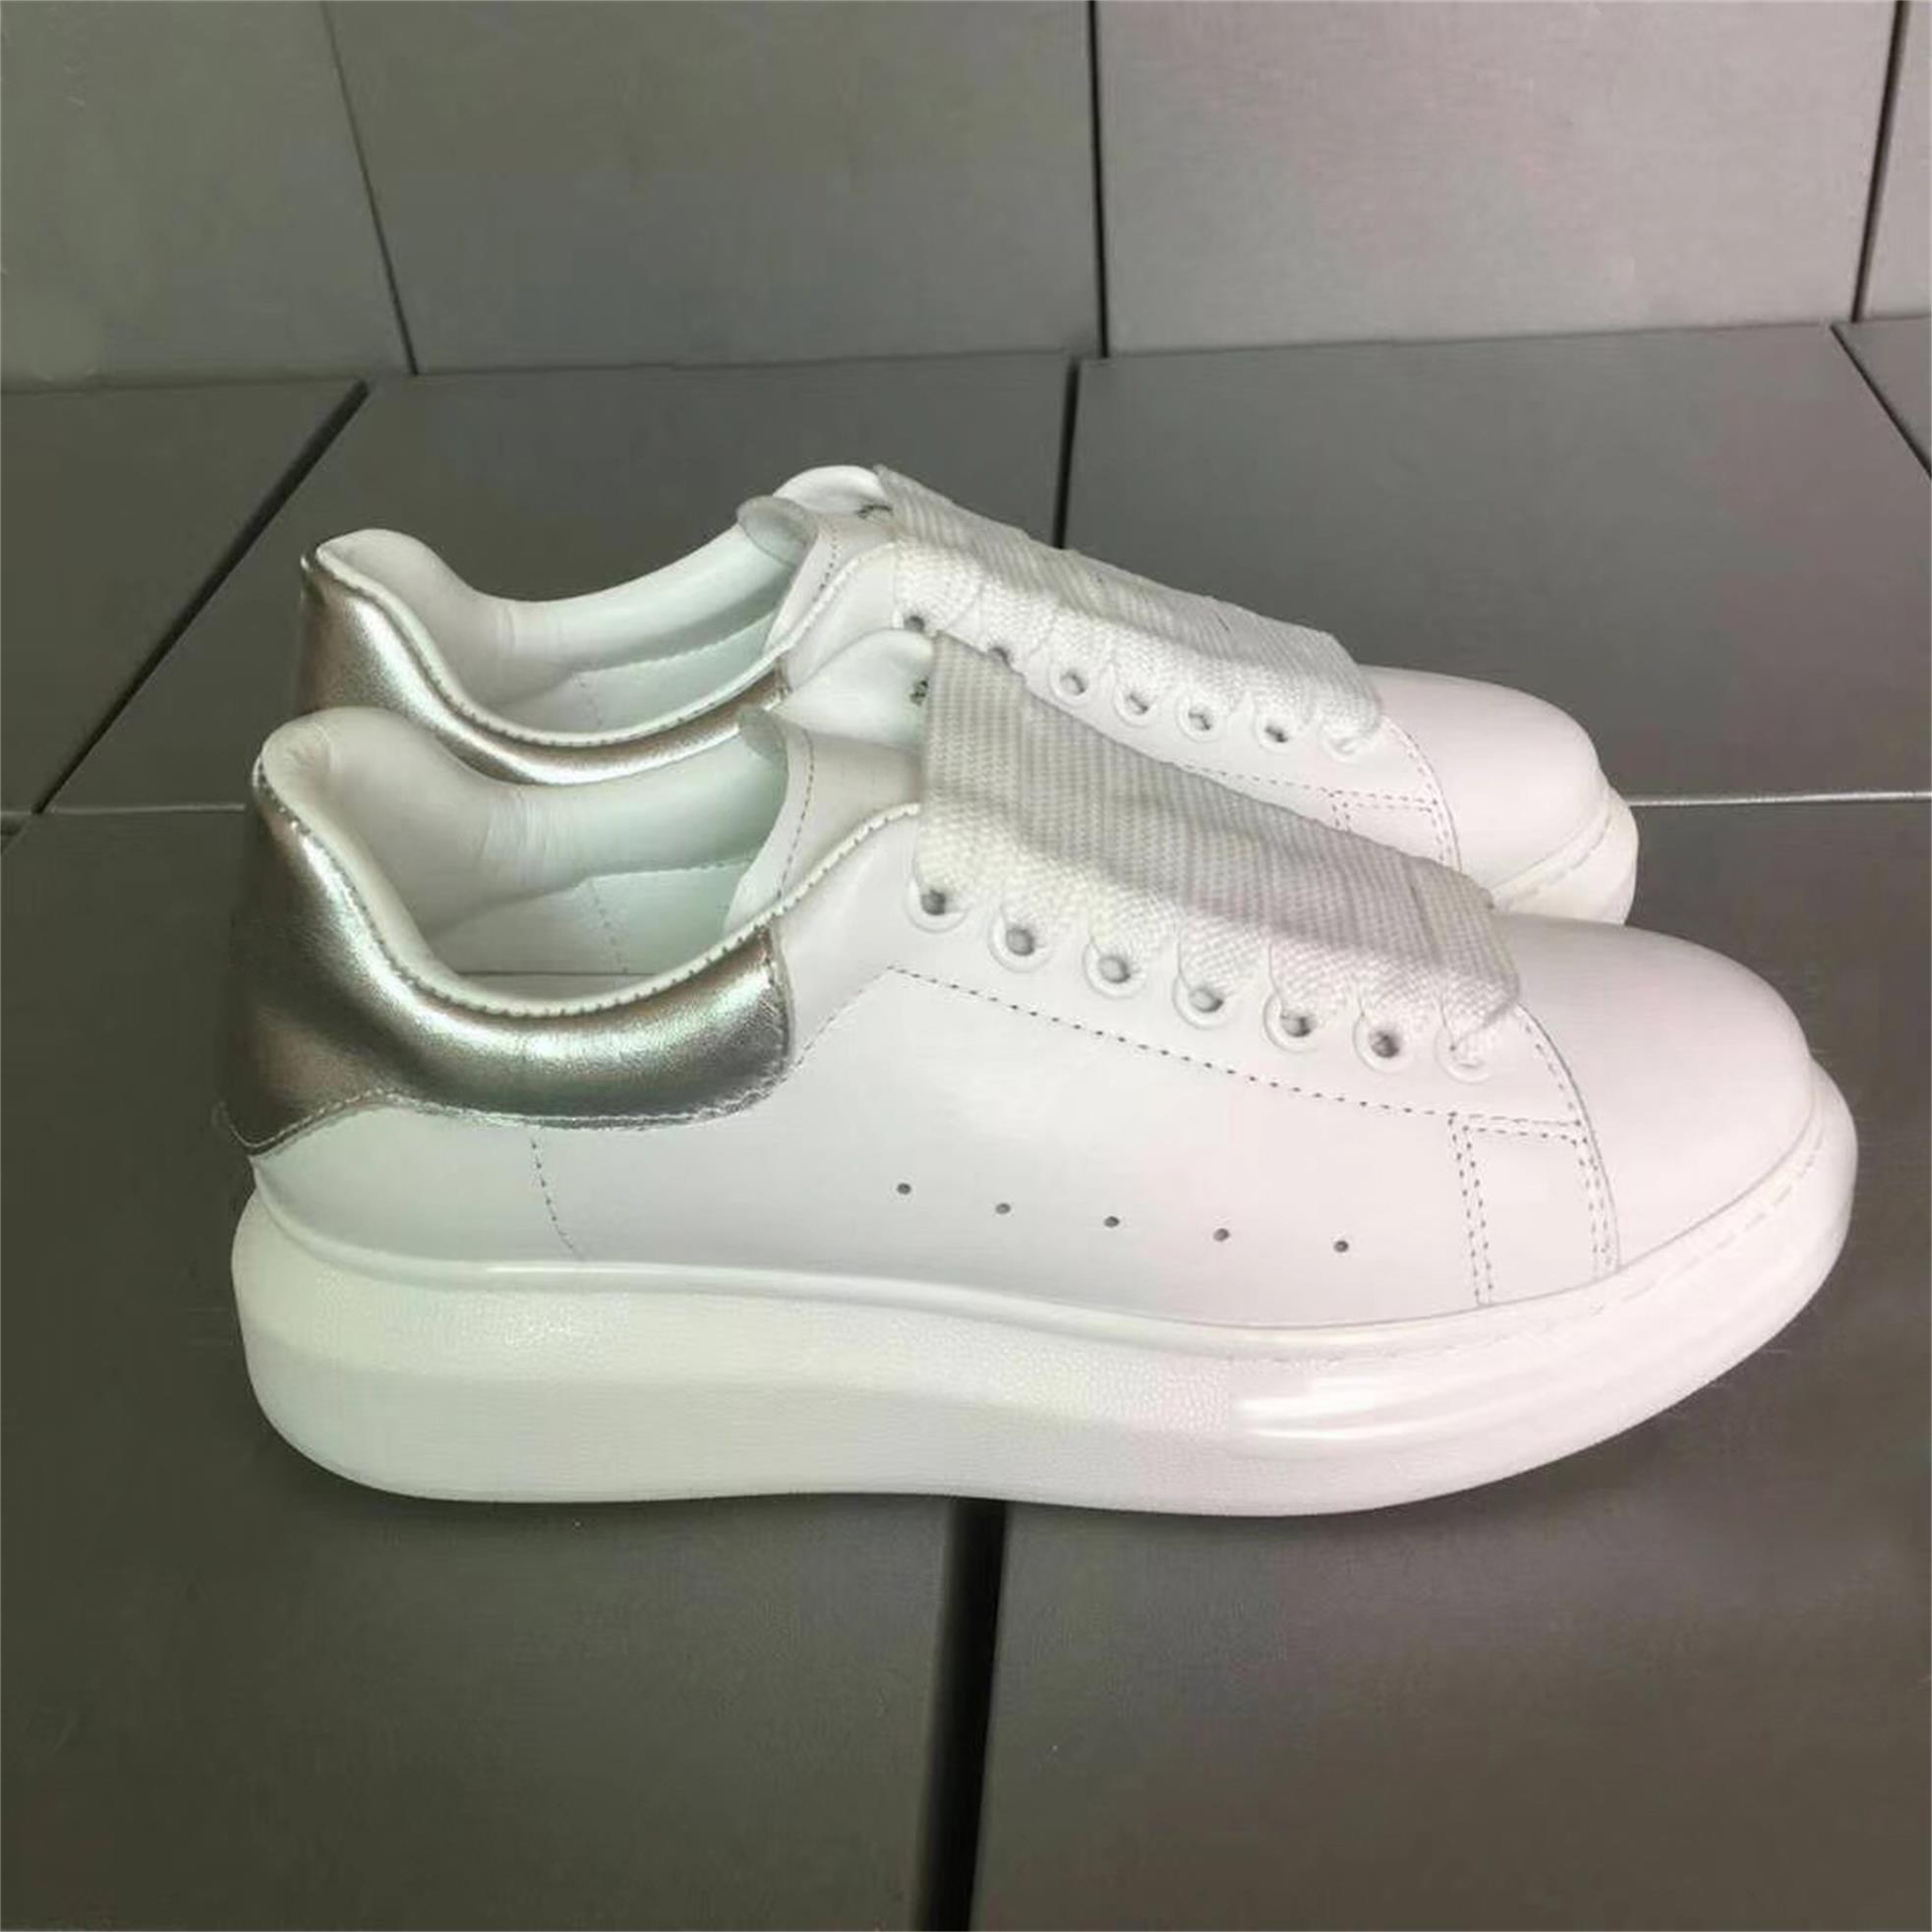 Venda quente-Qualidade de Moda de Luxo Designer de Mulheres Sapatos Casuais de Couro Real Com Serials Número Tênis Chaussures Sports Trainers 36-46